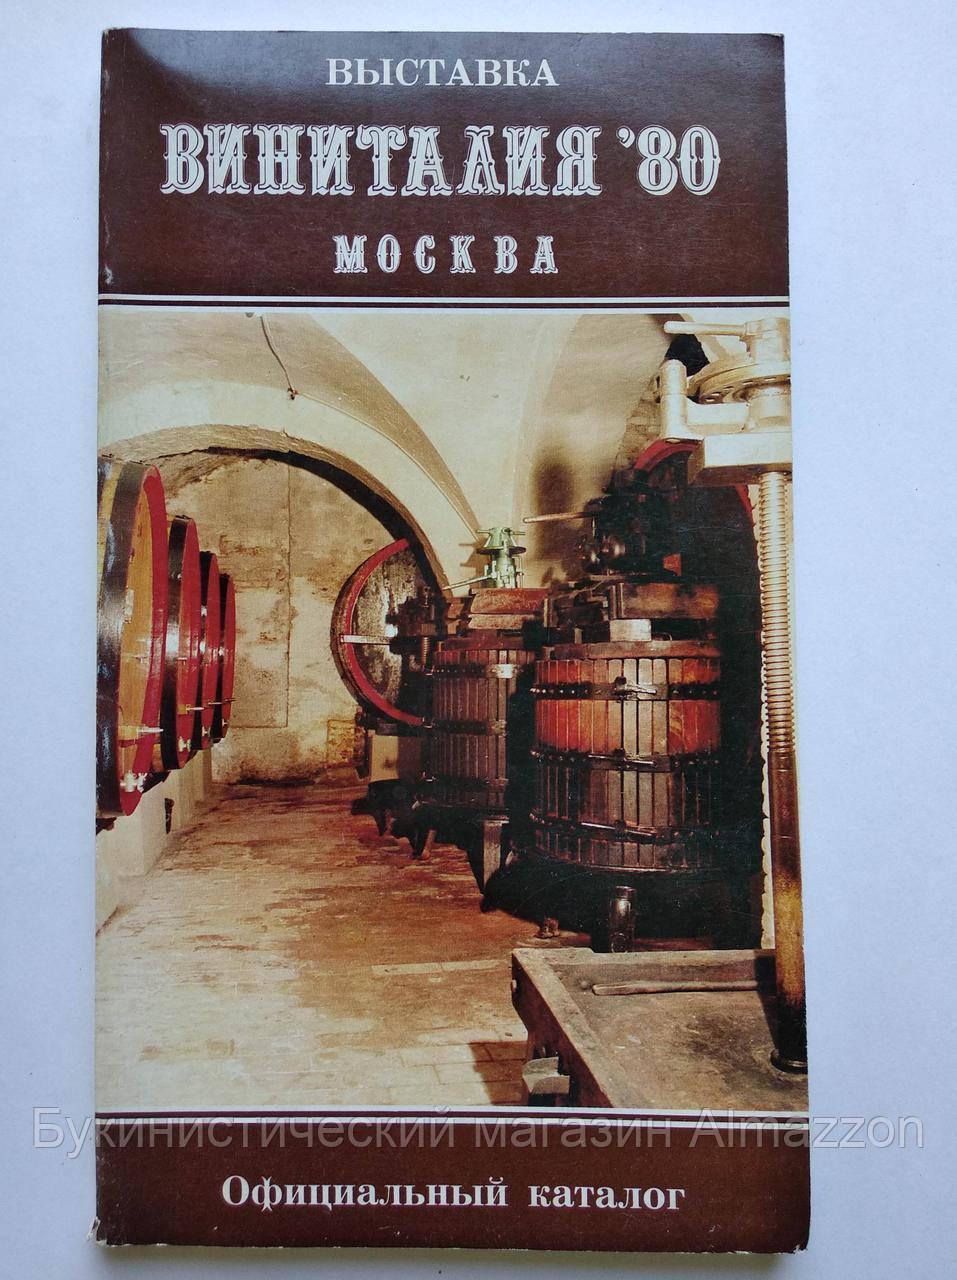 Выставка Виниталия-80 Москва. Официальный каталог вин